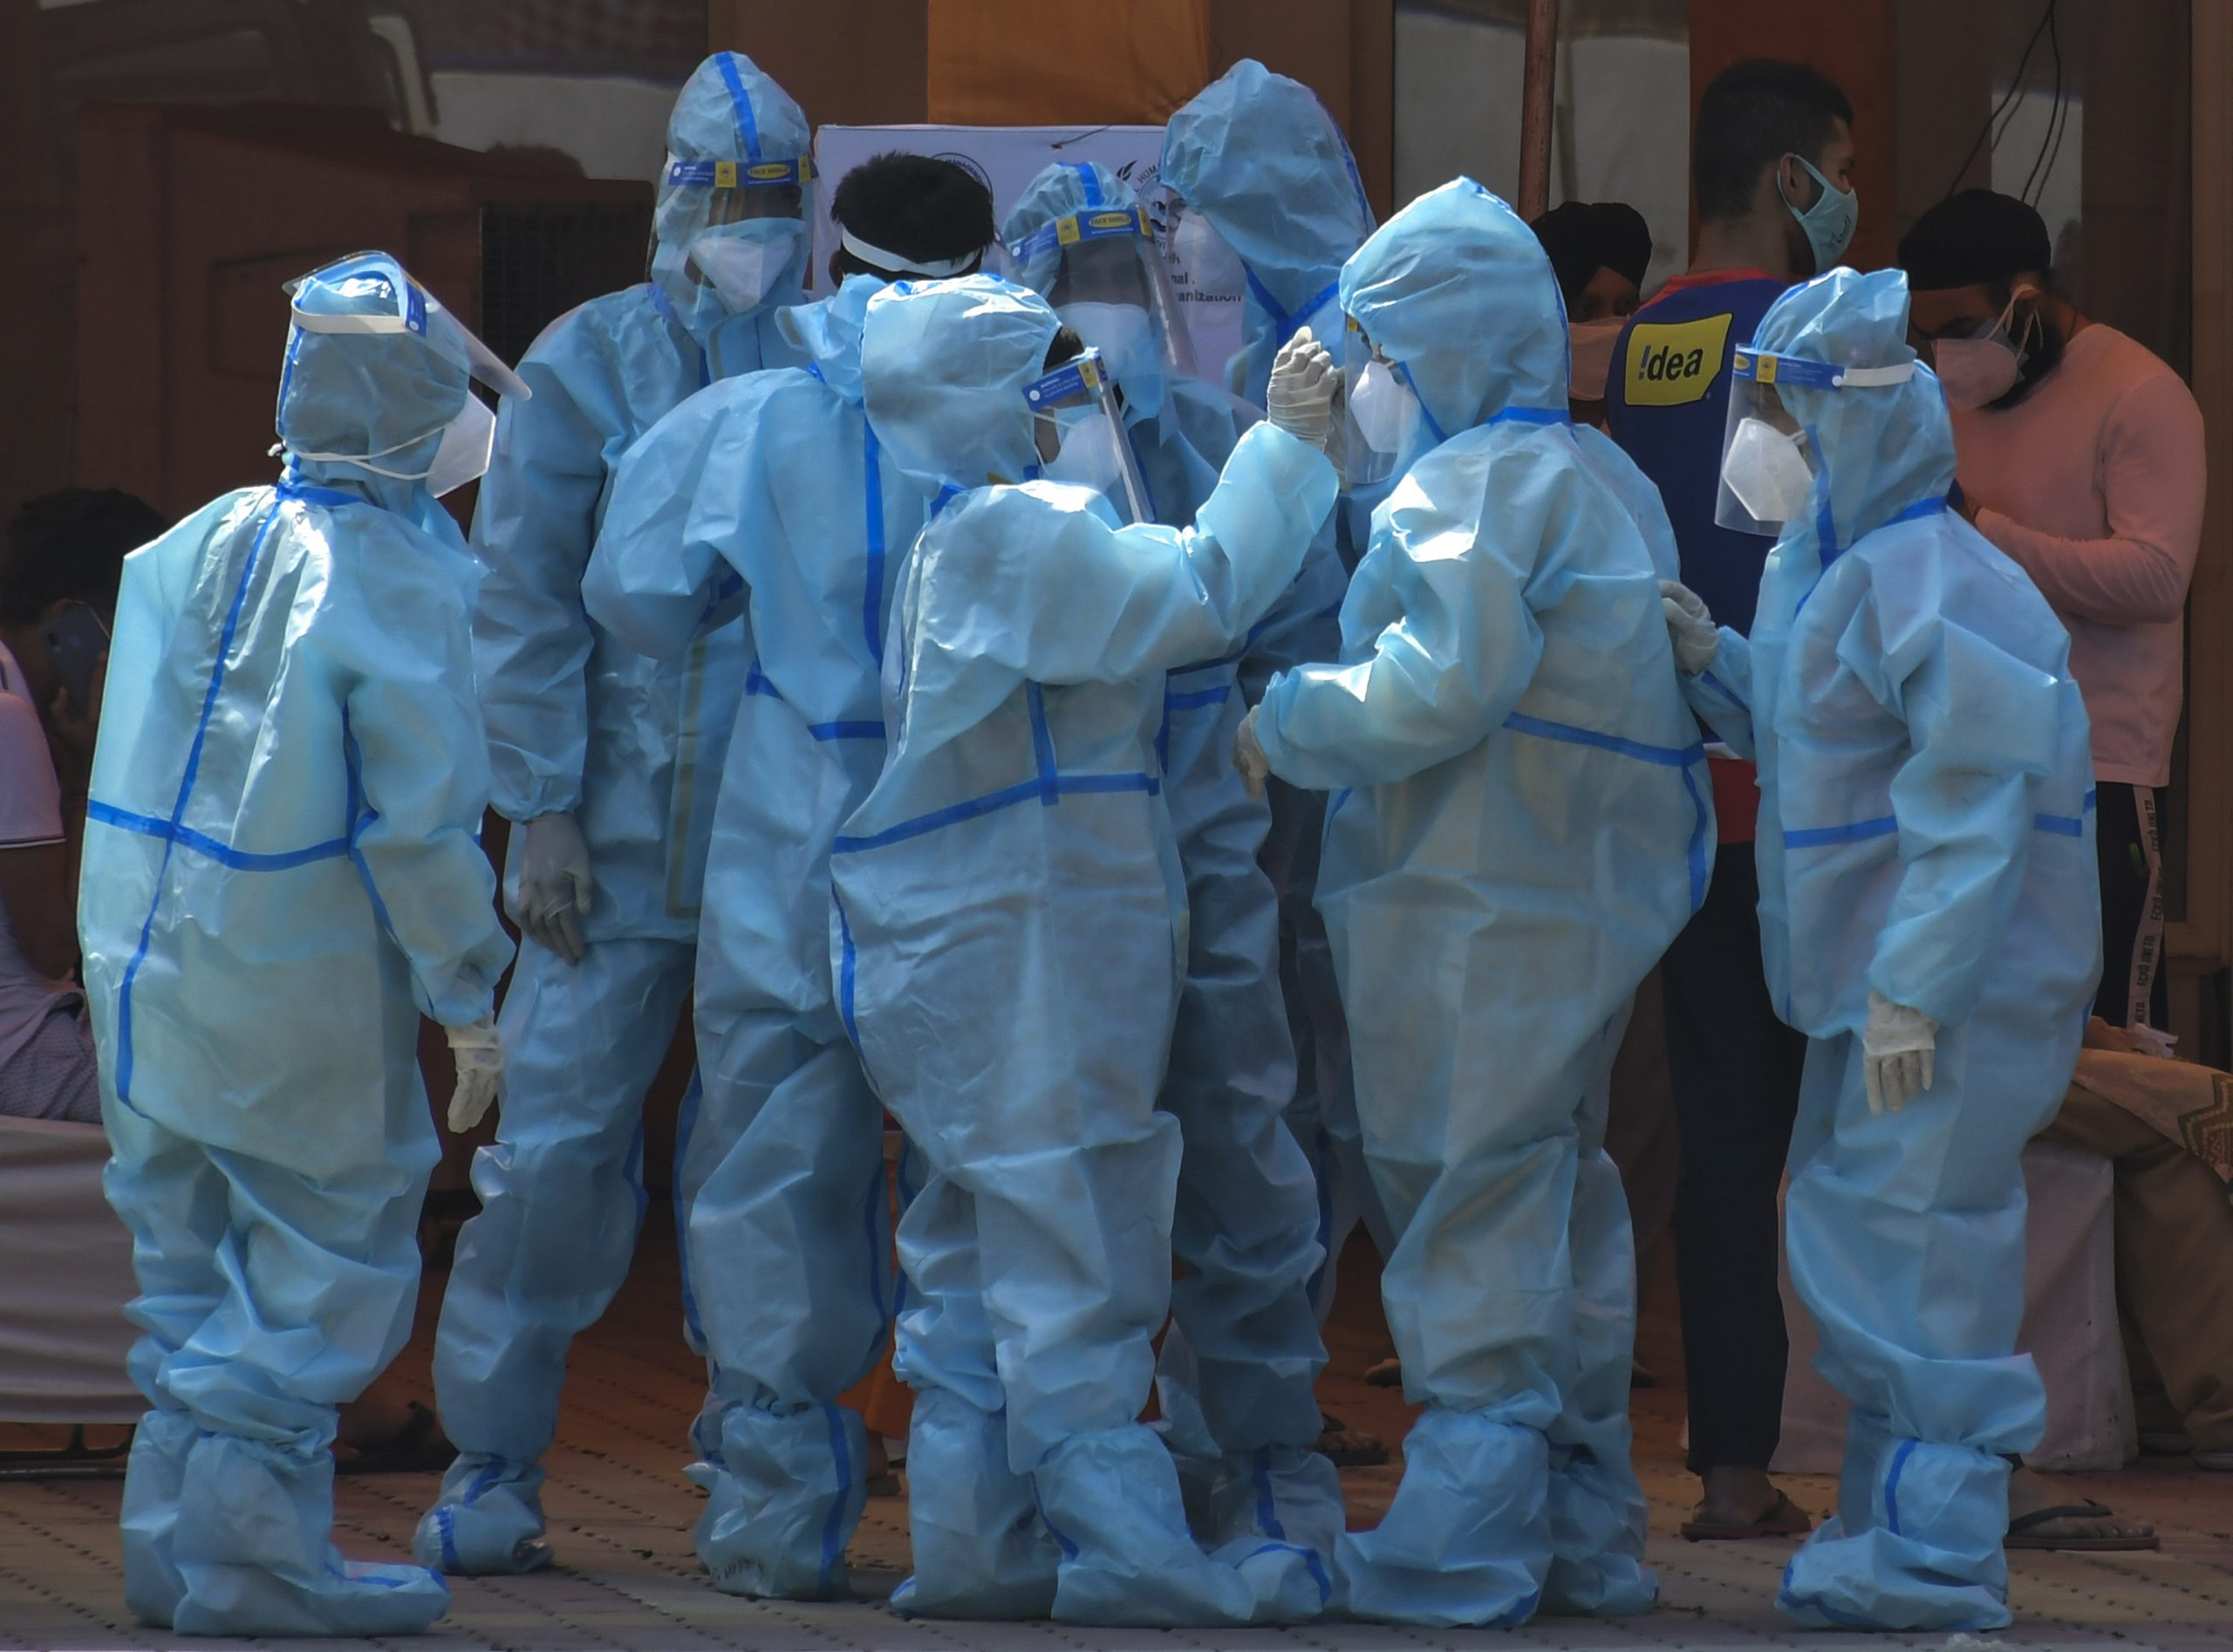 Pad broja slučajeva zaraze korona virusom u Indiji 1